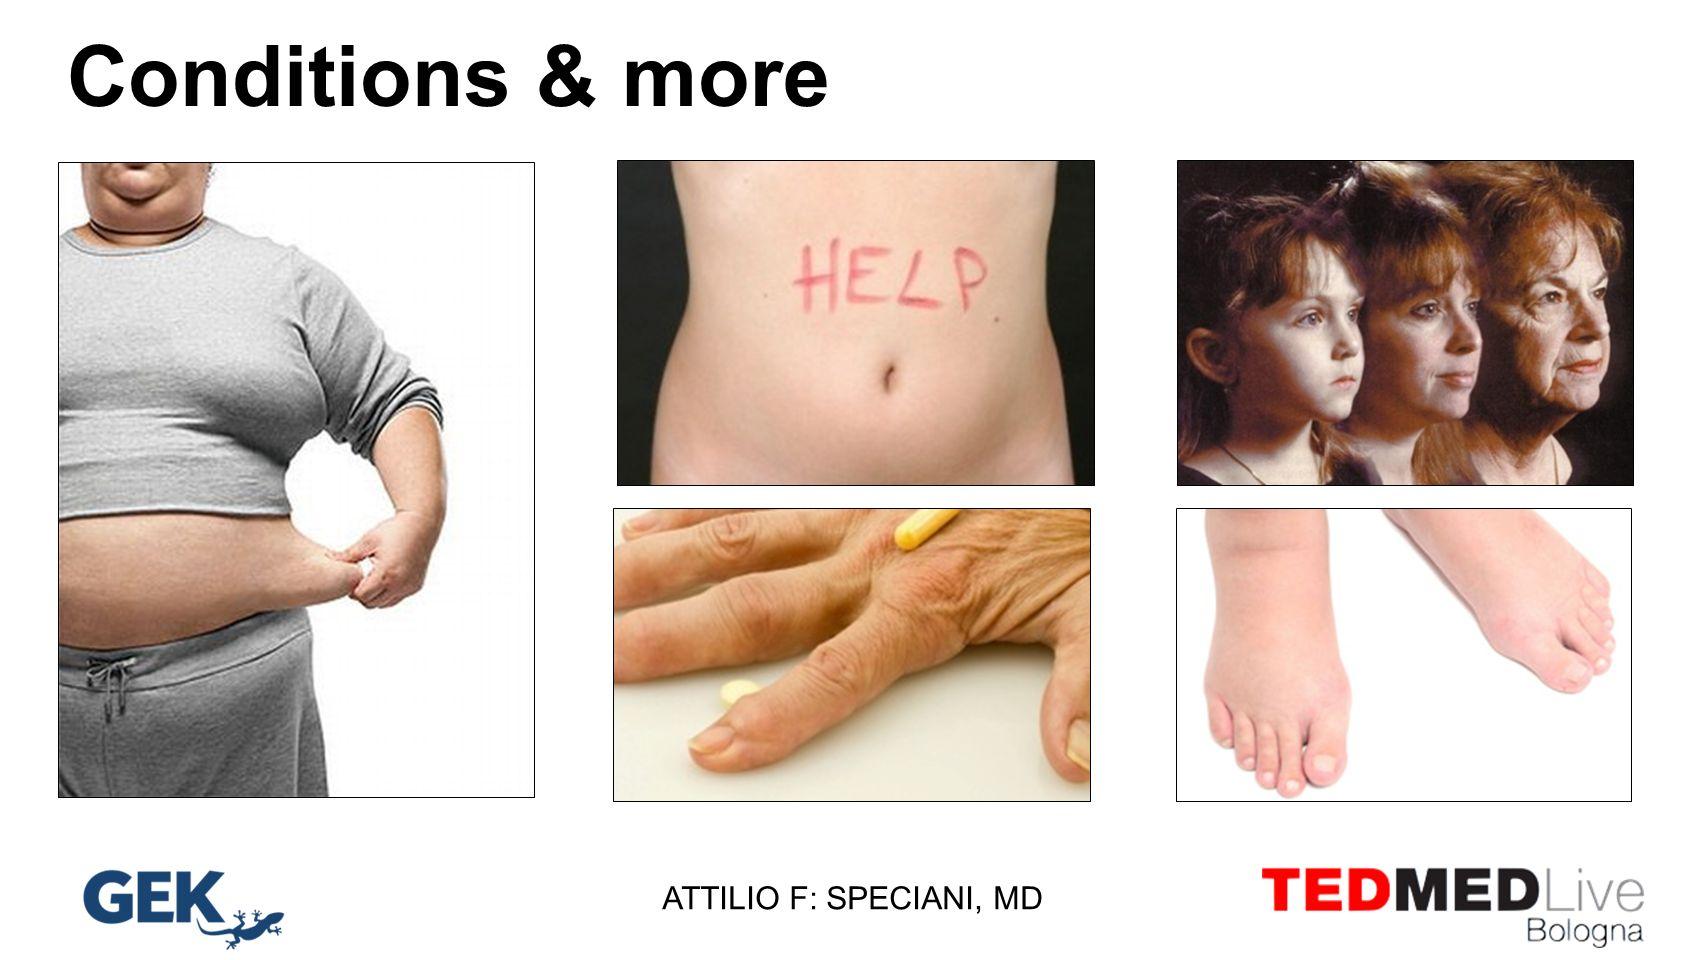 Conditions & more arttrite diabete, obesità, resistenza insulinica